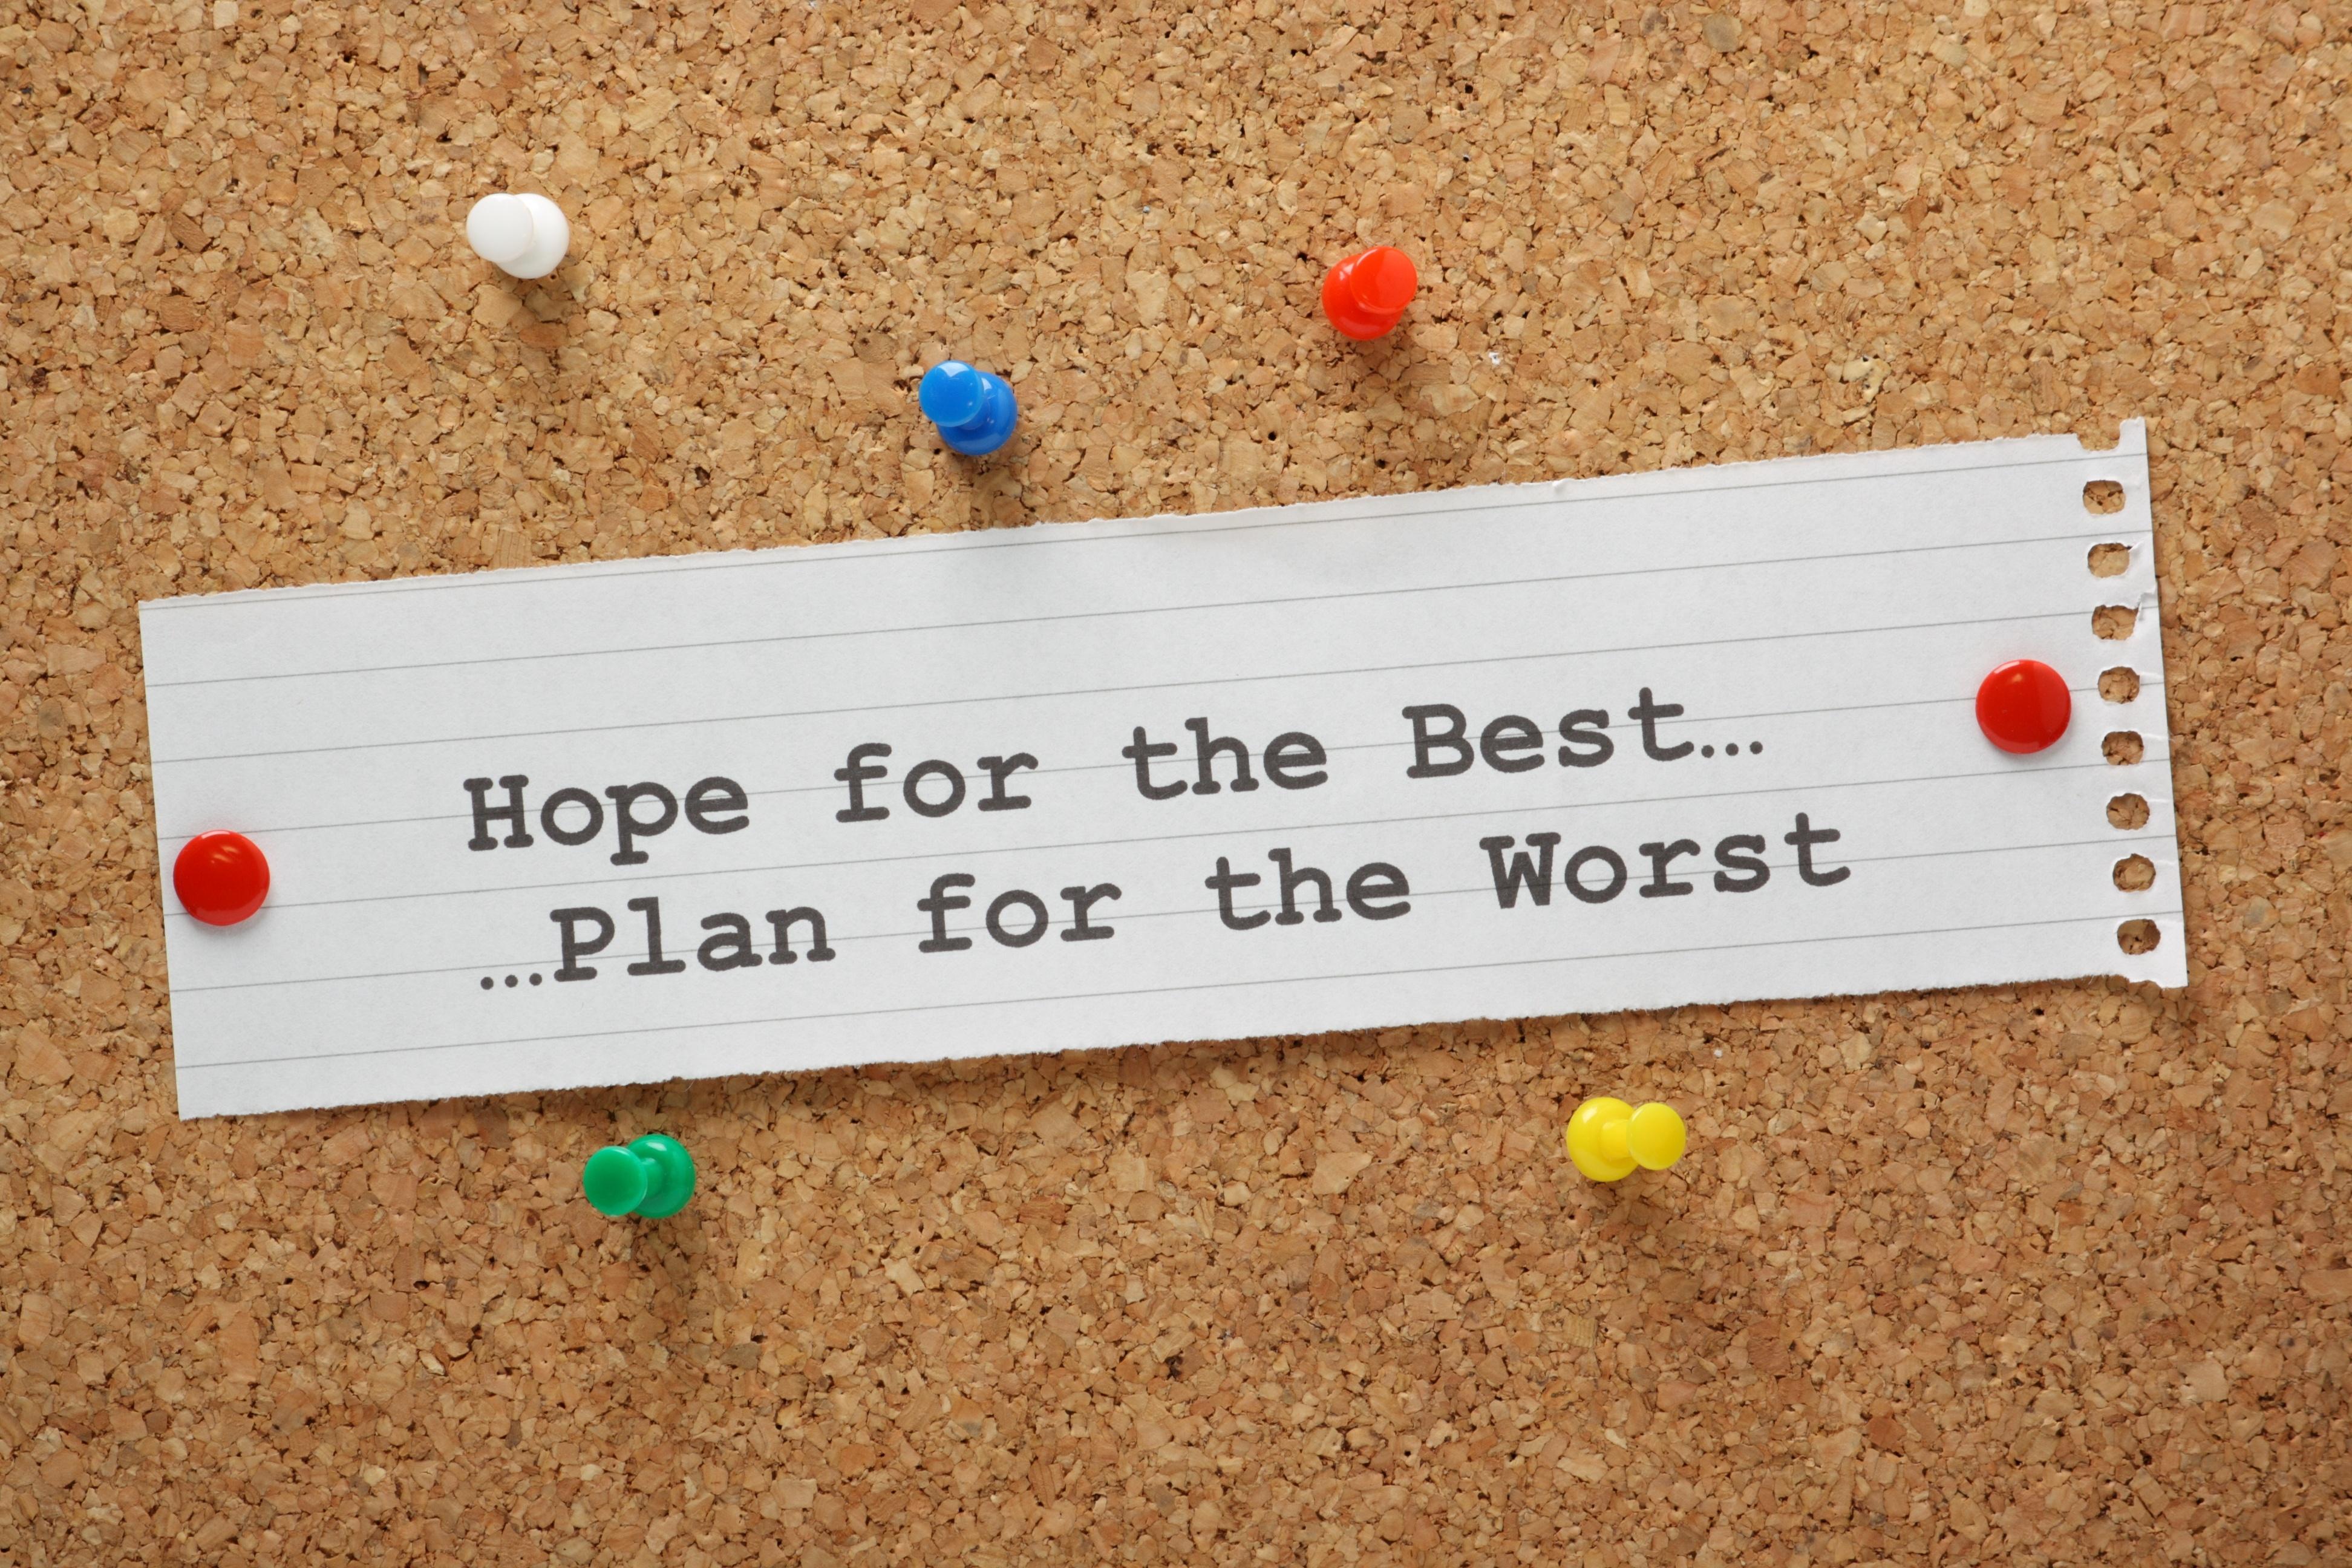 Hope for the best.jpg